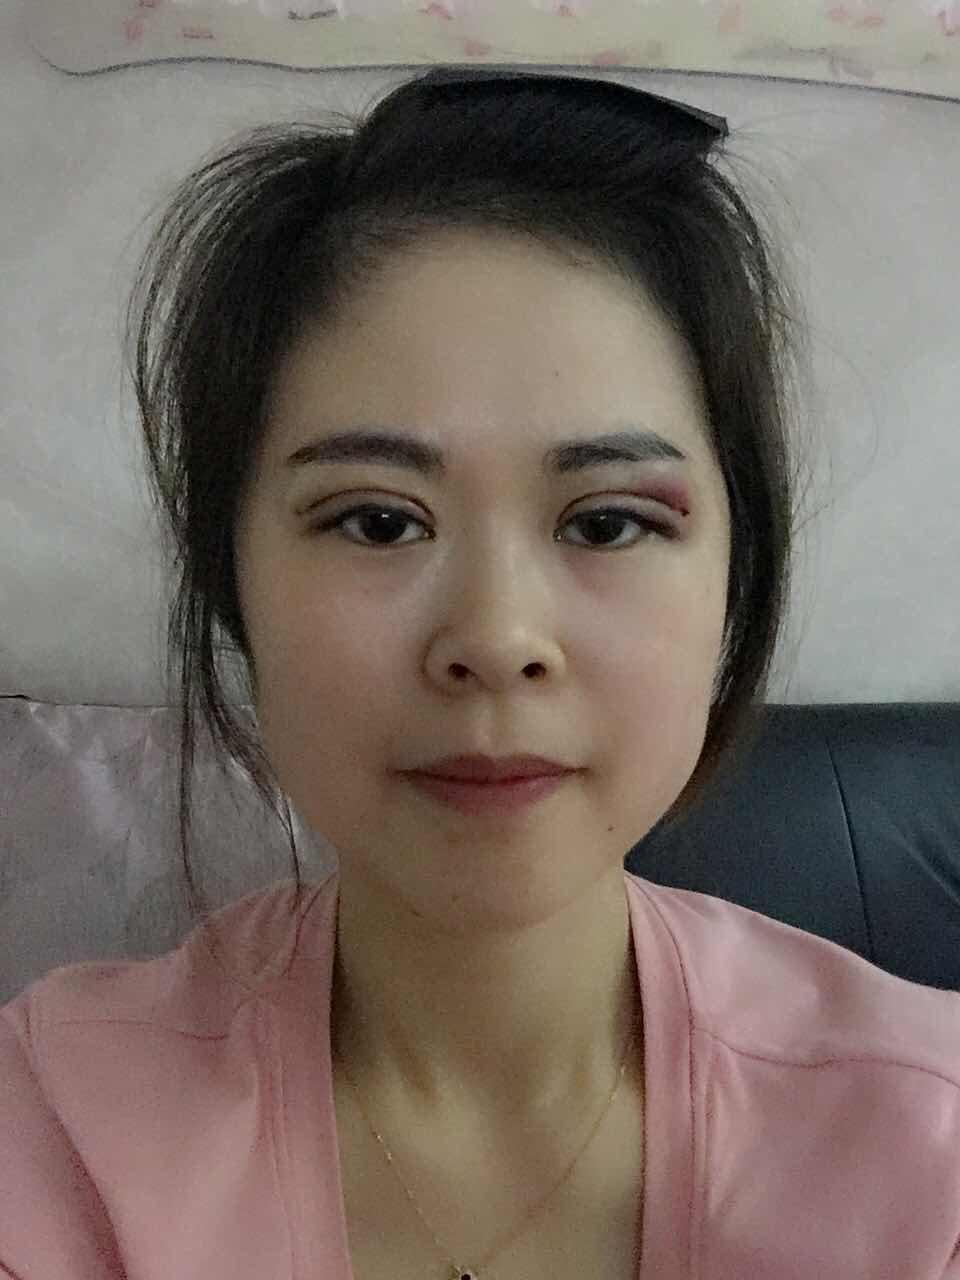 刚刚割完双眼皮之后的样子_做完双眼皮手术10天案例,双眼皮恢复中。_切开双眼皮_整形经历 ...